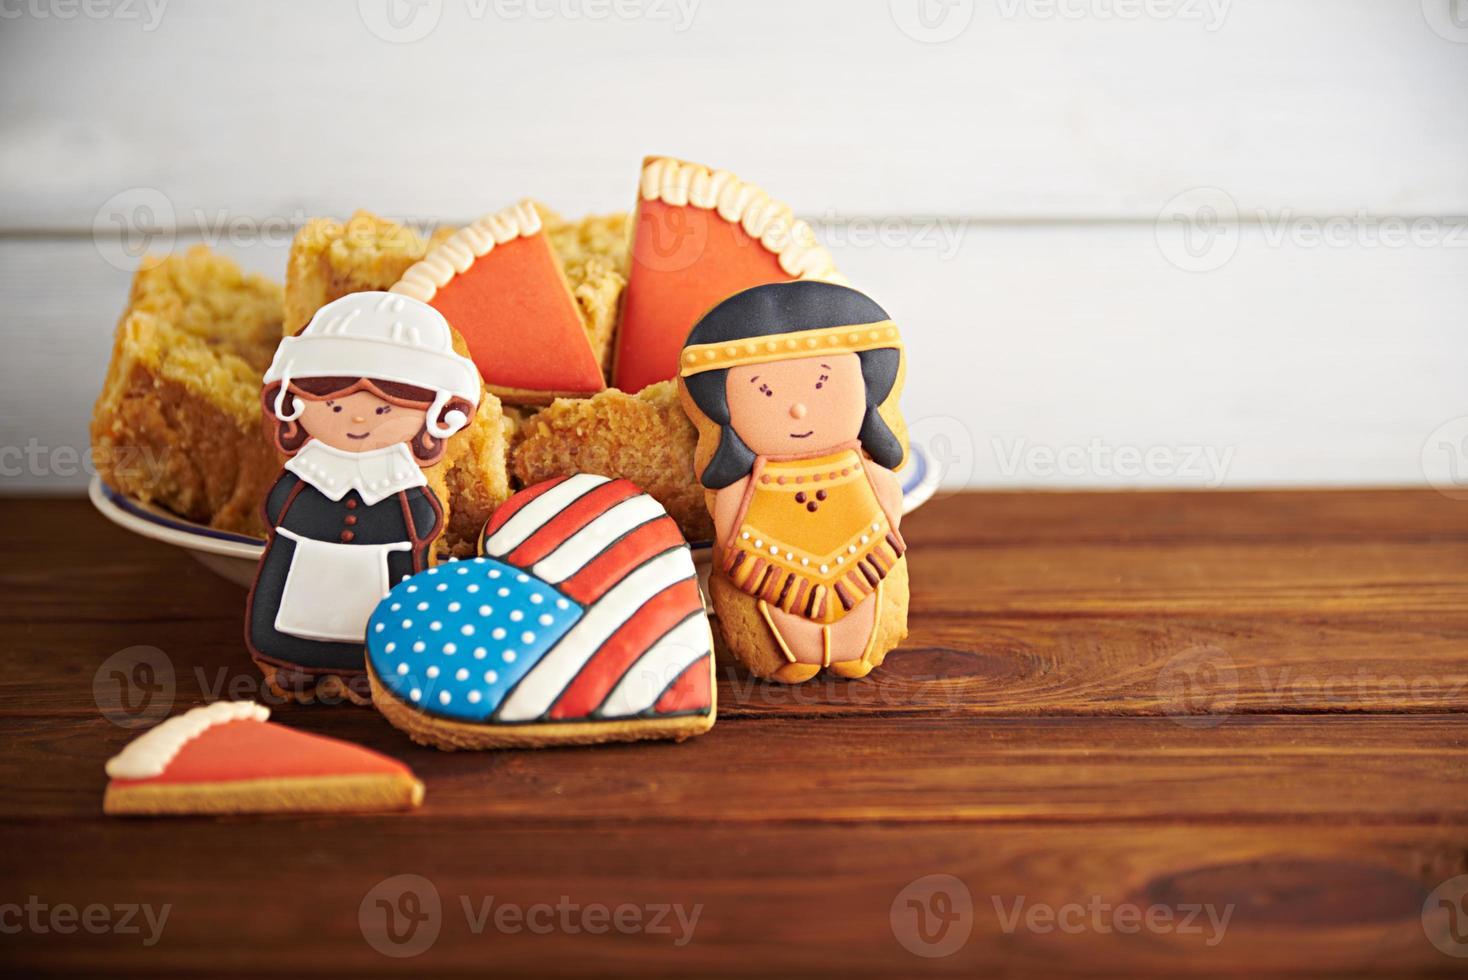 Thanksgiving-Süßigkeiten auf einem hölzernen Hintergrund foto